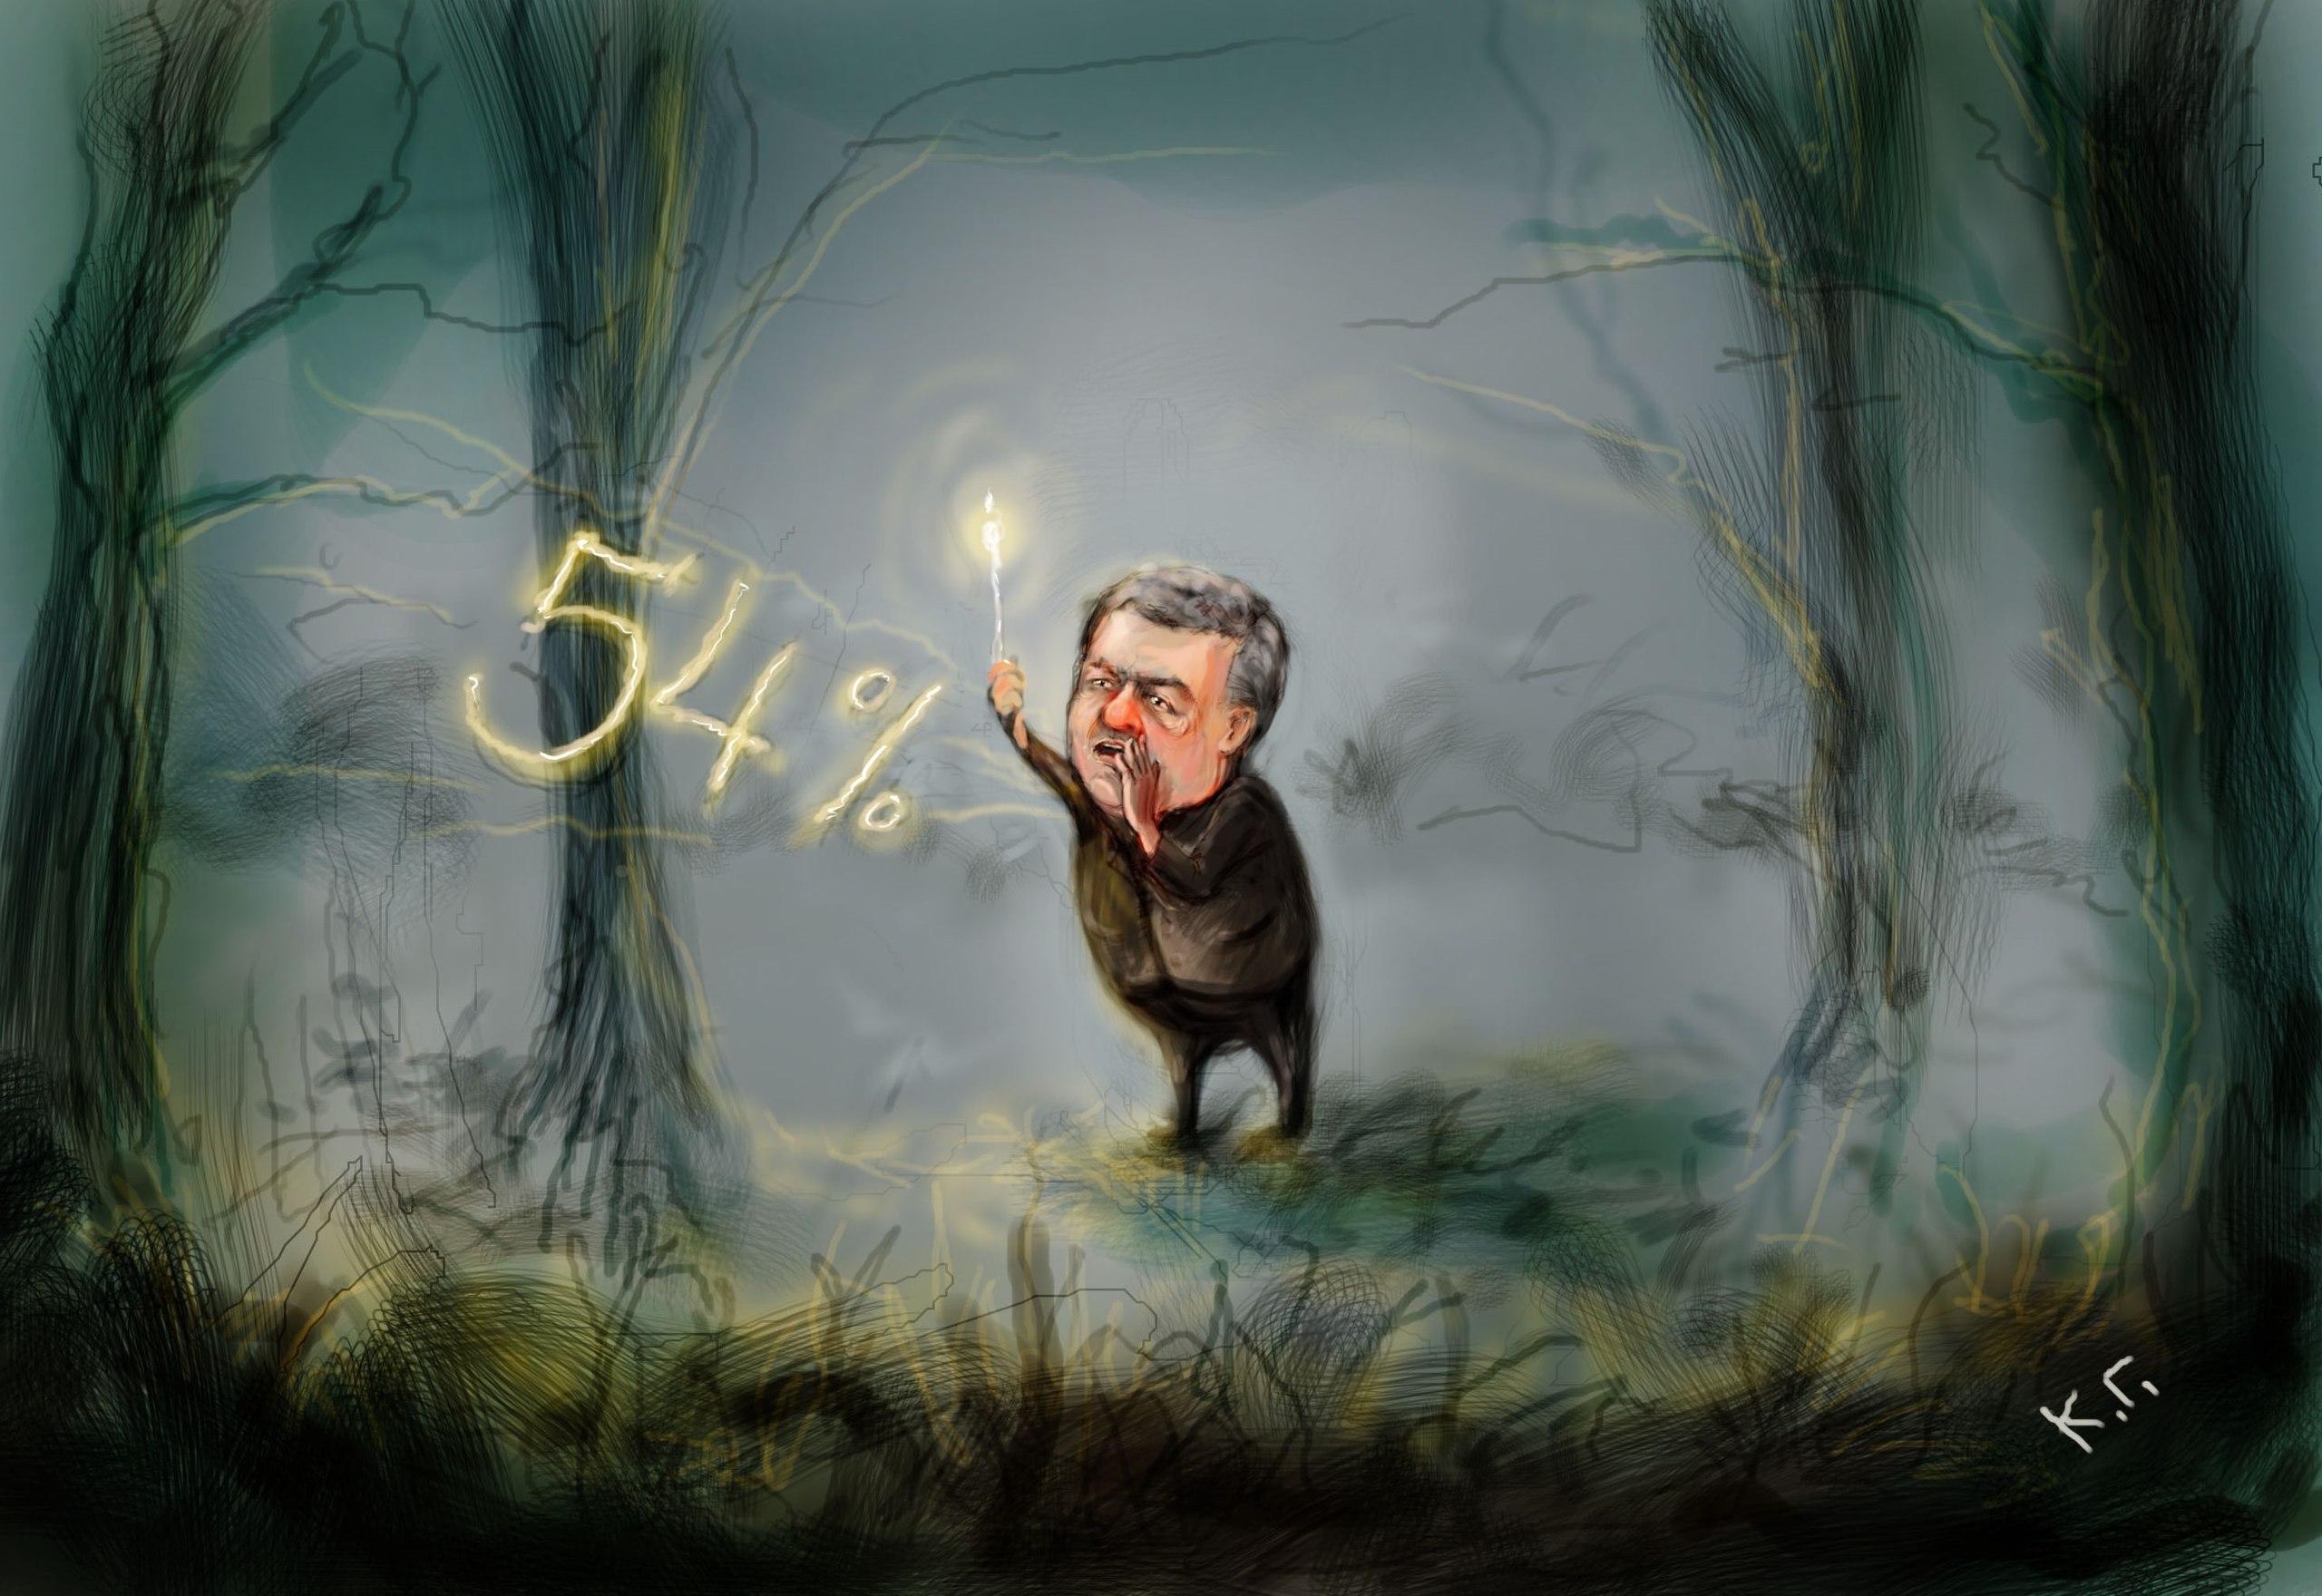 """Гройсман ожидает, что Рада на следующей неделе изменит """"закон Савченко"""": """"Вышли на свободу 8,5 тыс. заключенных, 906 из них уже совершили преступления повторно"""" - Цензор.НЕТ 6091"""